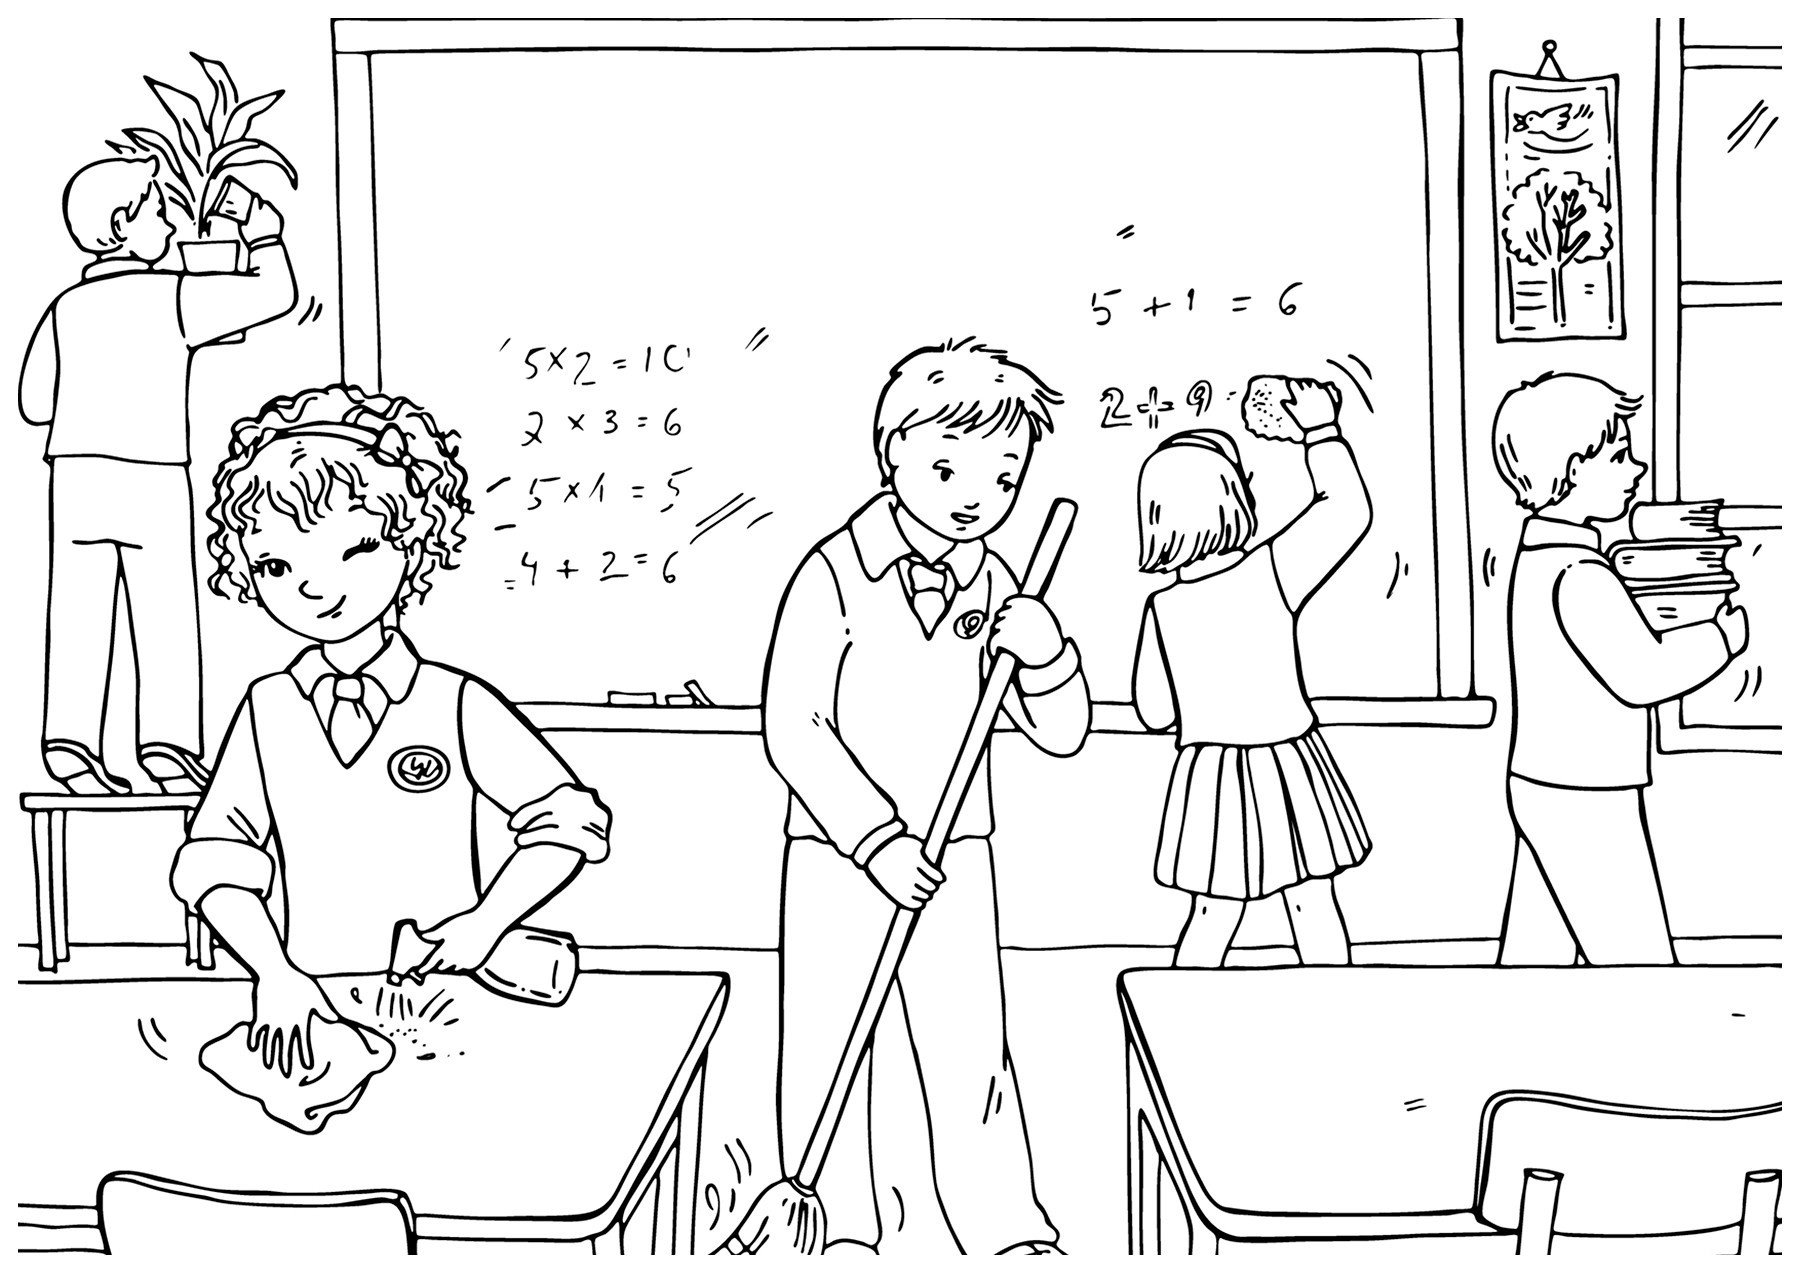 Раскраска Школьный обед - распечатать бесплатно в формате А4